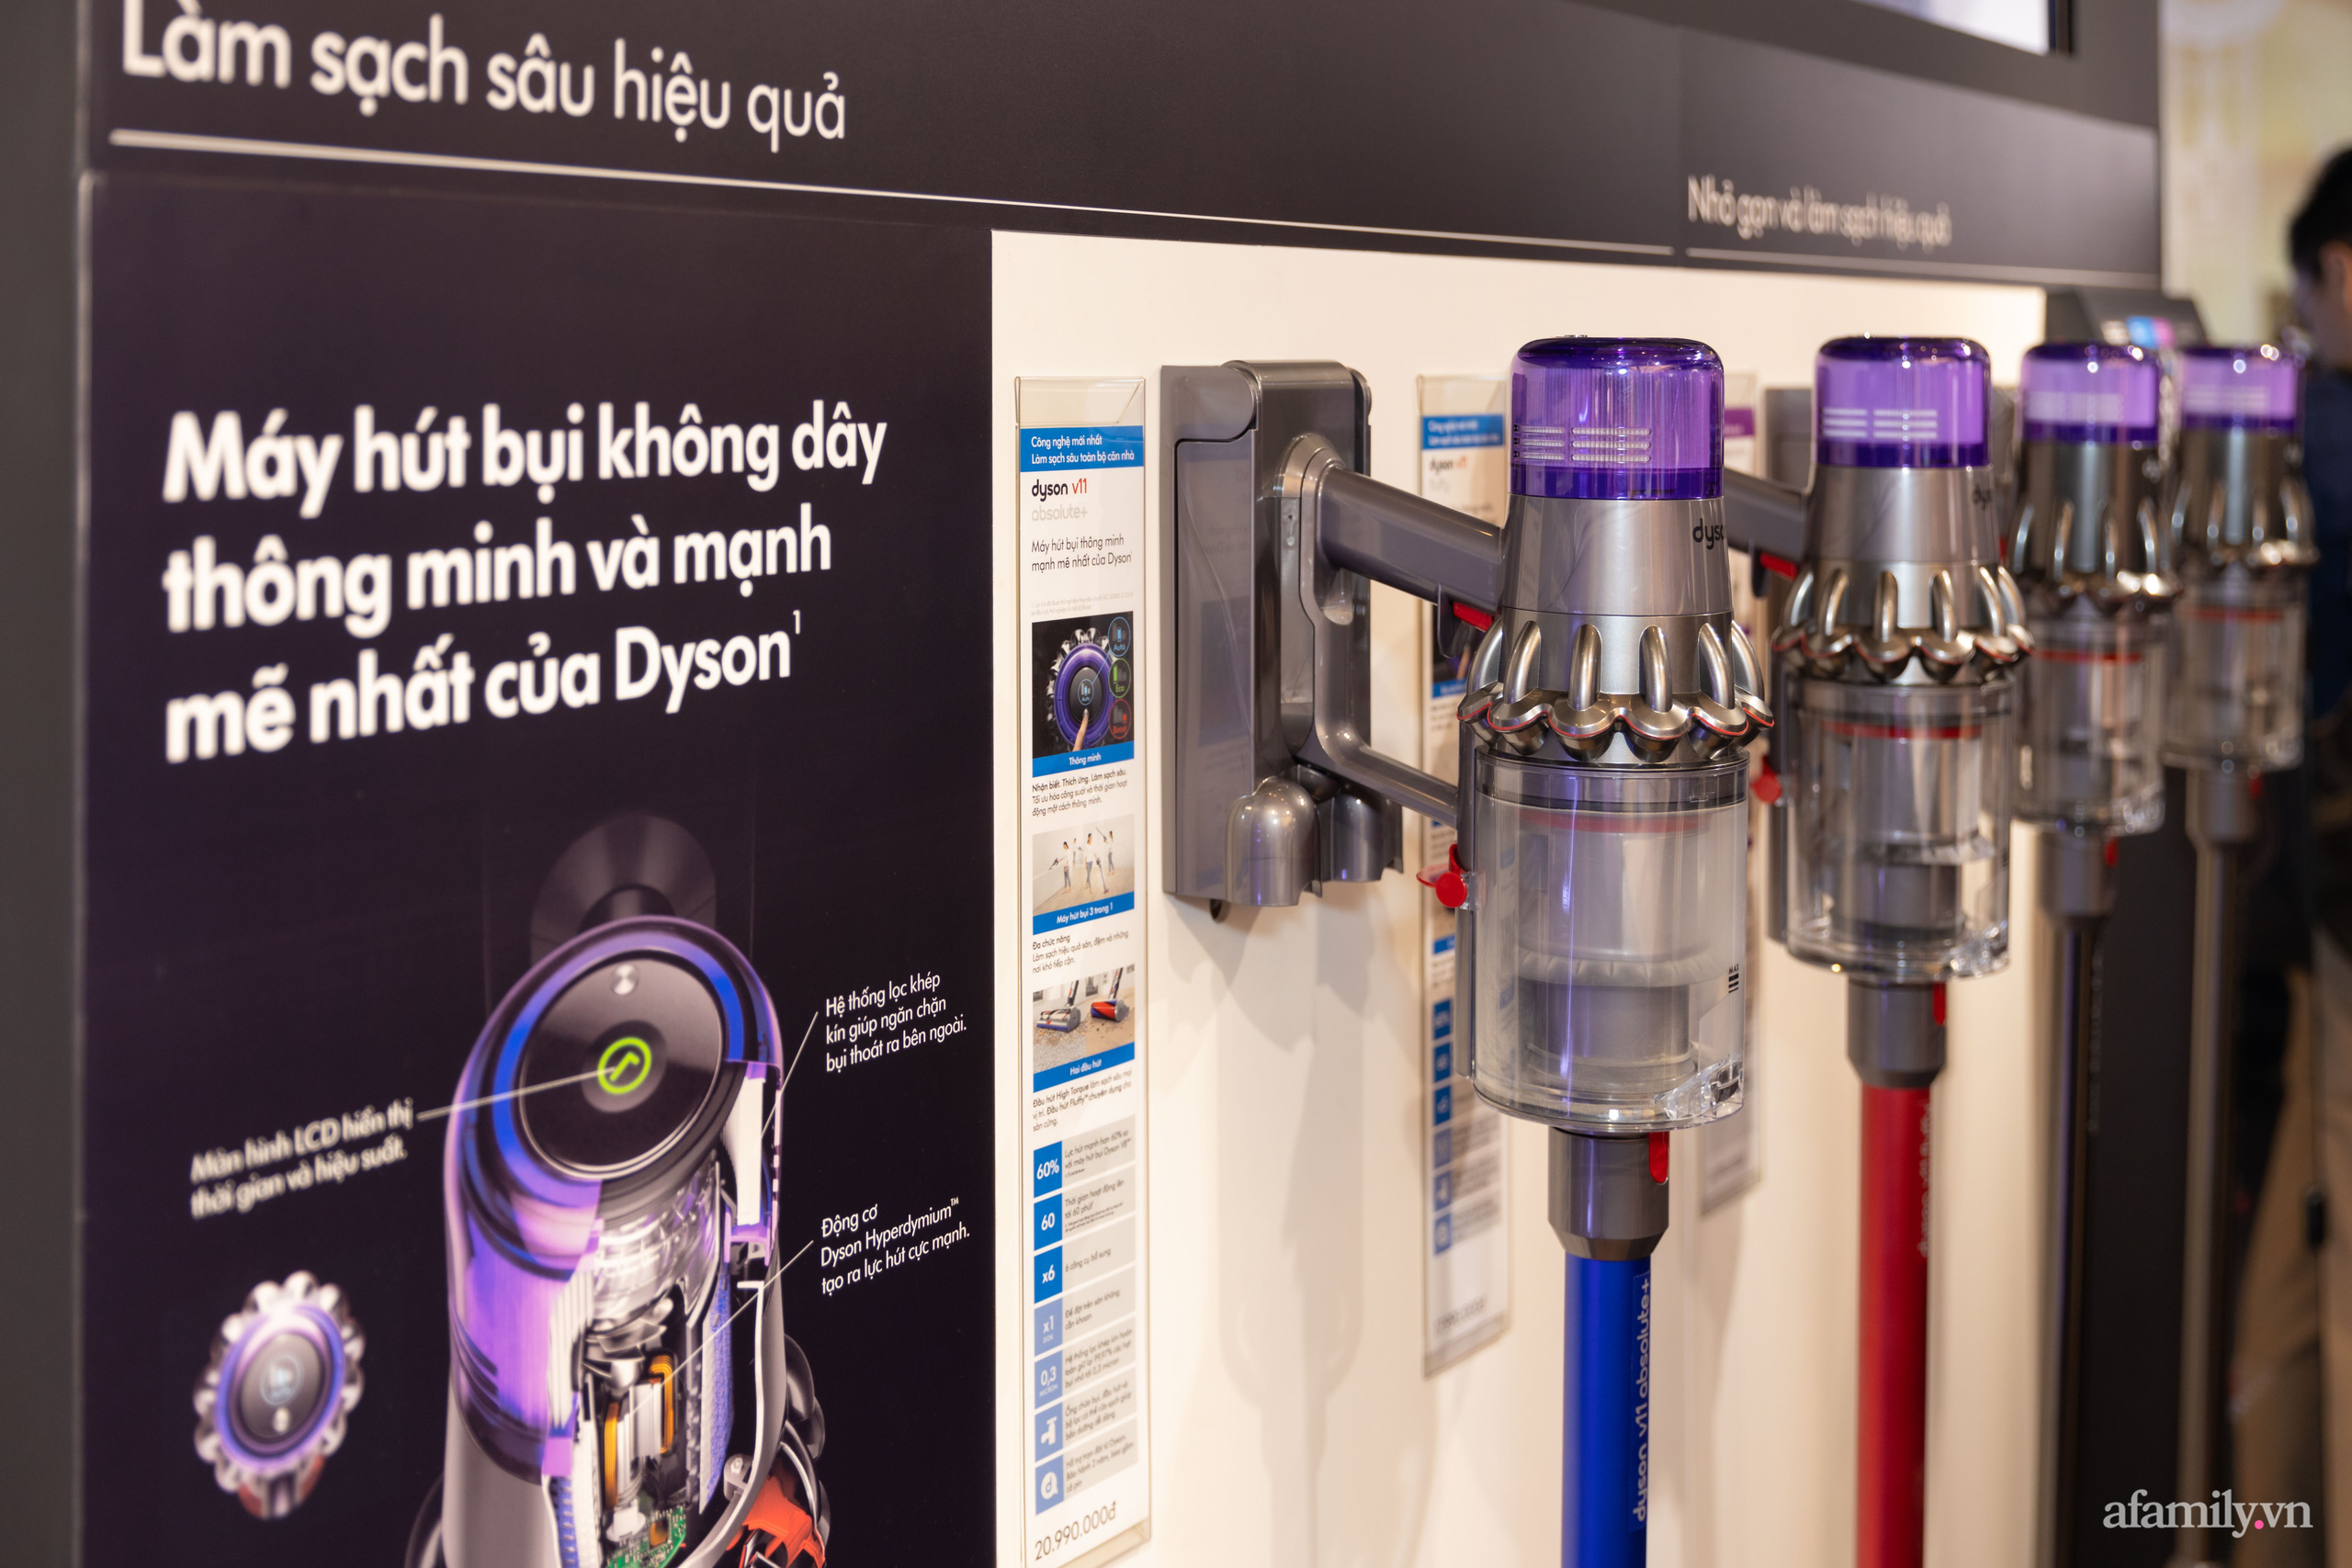 Dyson khai trương cửa hàng đầu tiên tại Việt Nam: Từ máy sấy tóc, quạt, máy hút bụi không cánh giá chính hãng cực tốt cho chị em  - Ảnh 9.